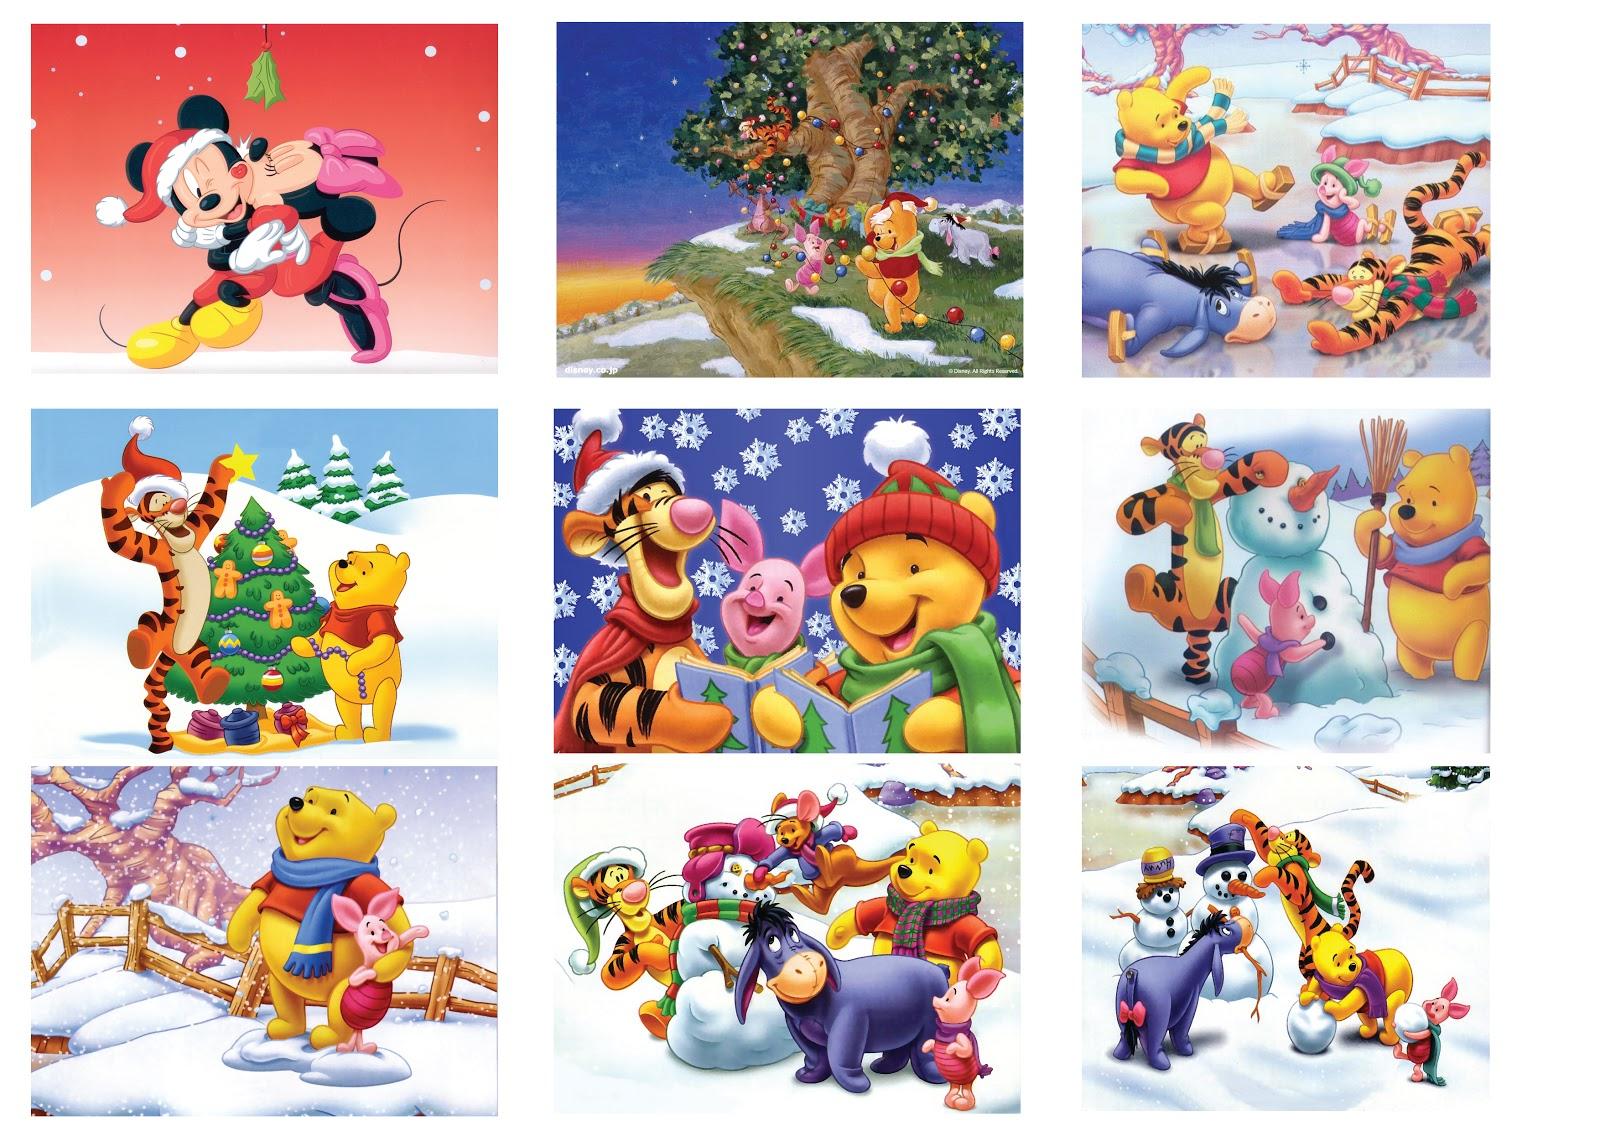 Disegni Di Natale Winnie Pooh.Disegni Di Natale Winnie Pooh Sanzoni Di Natale